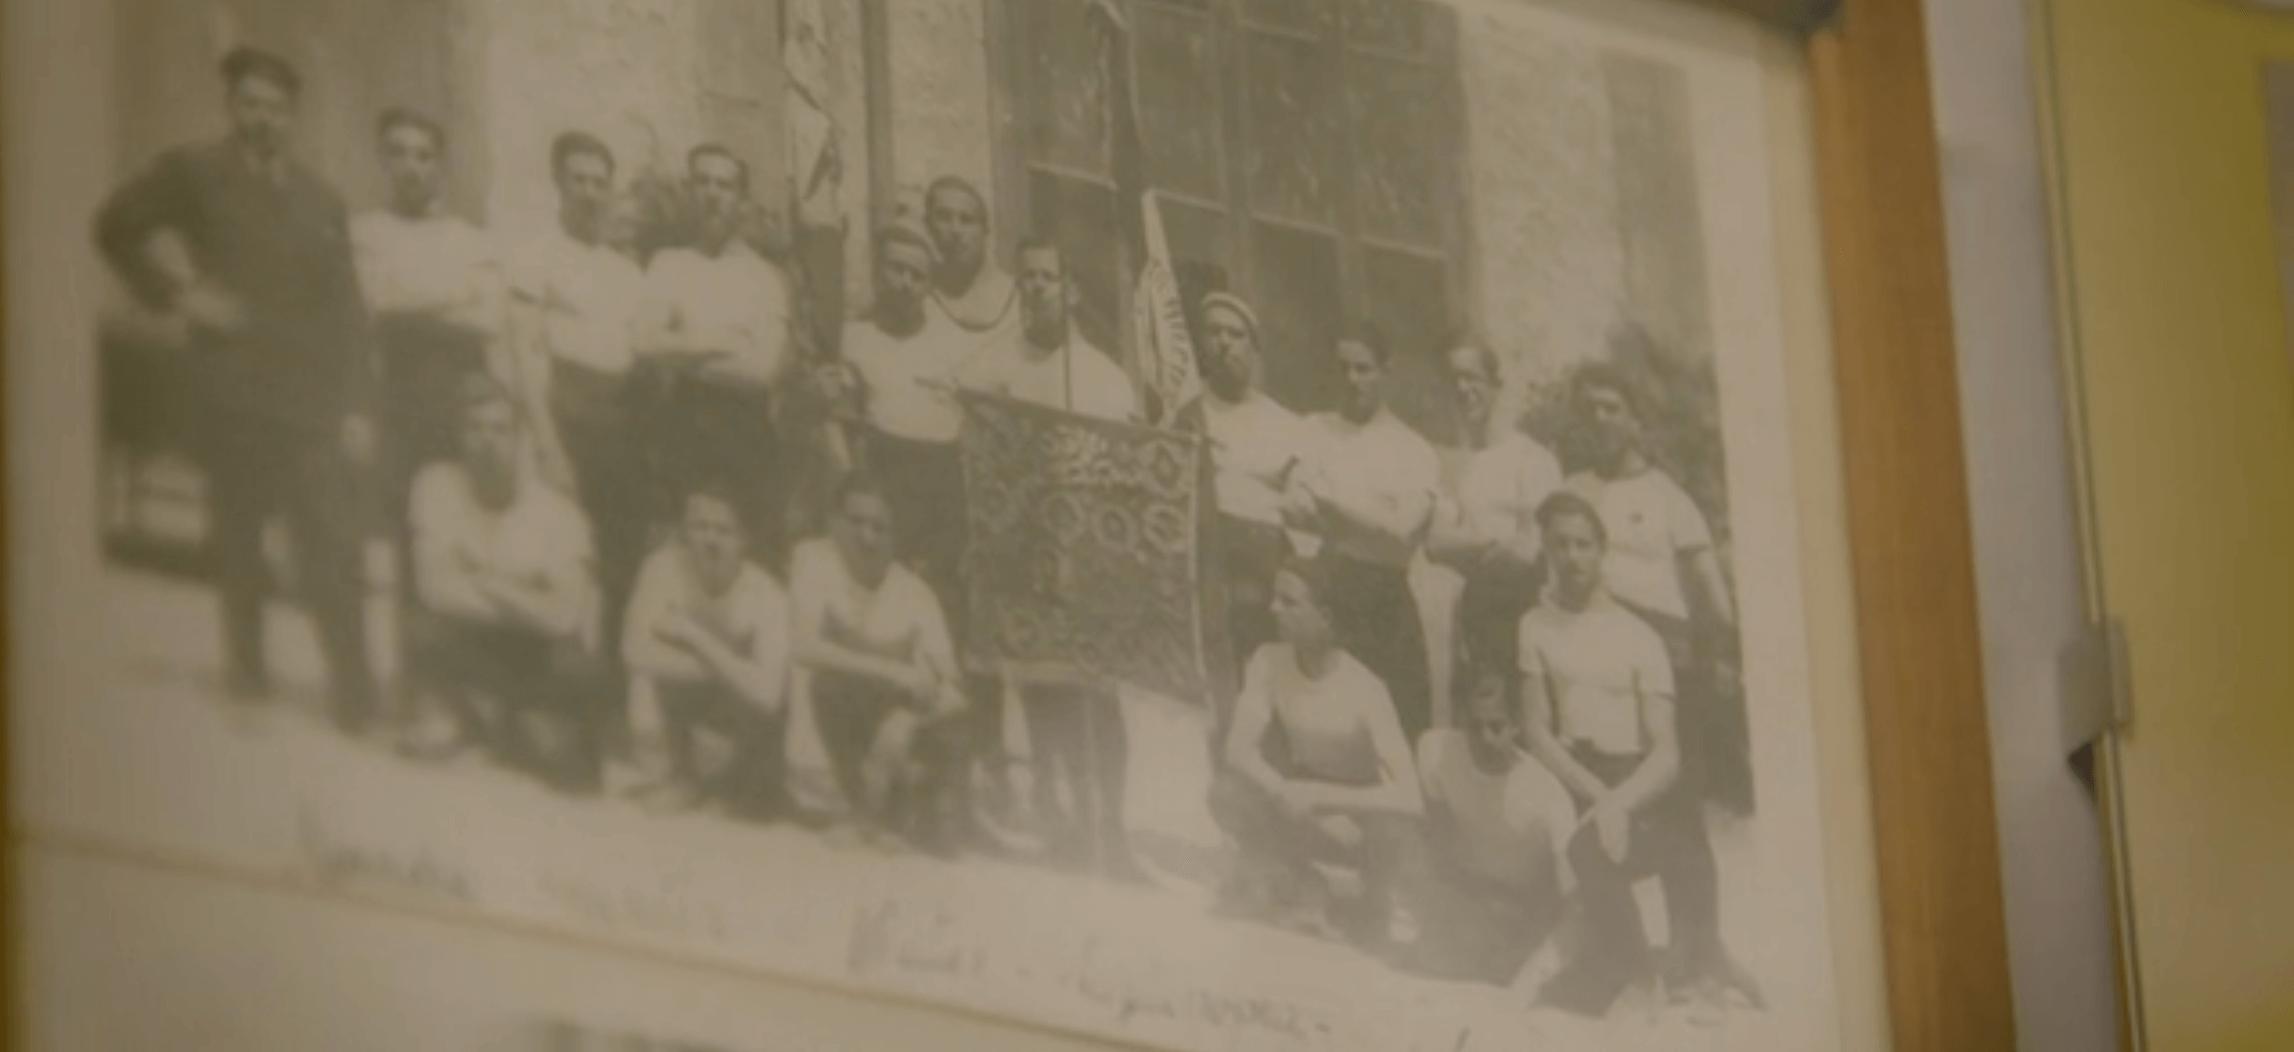 La storia della Ginnastica Brindisi Temese